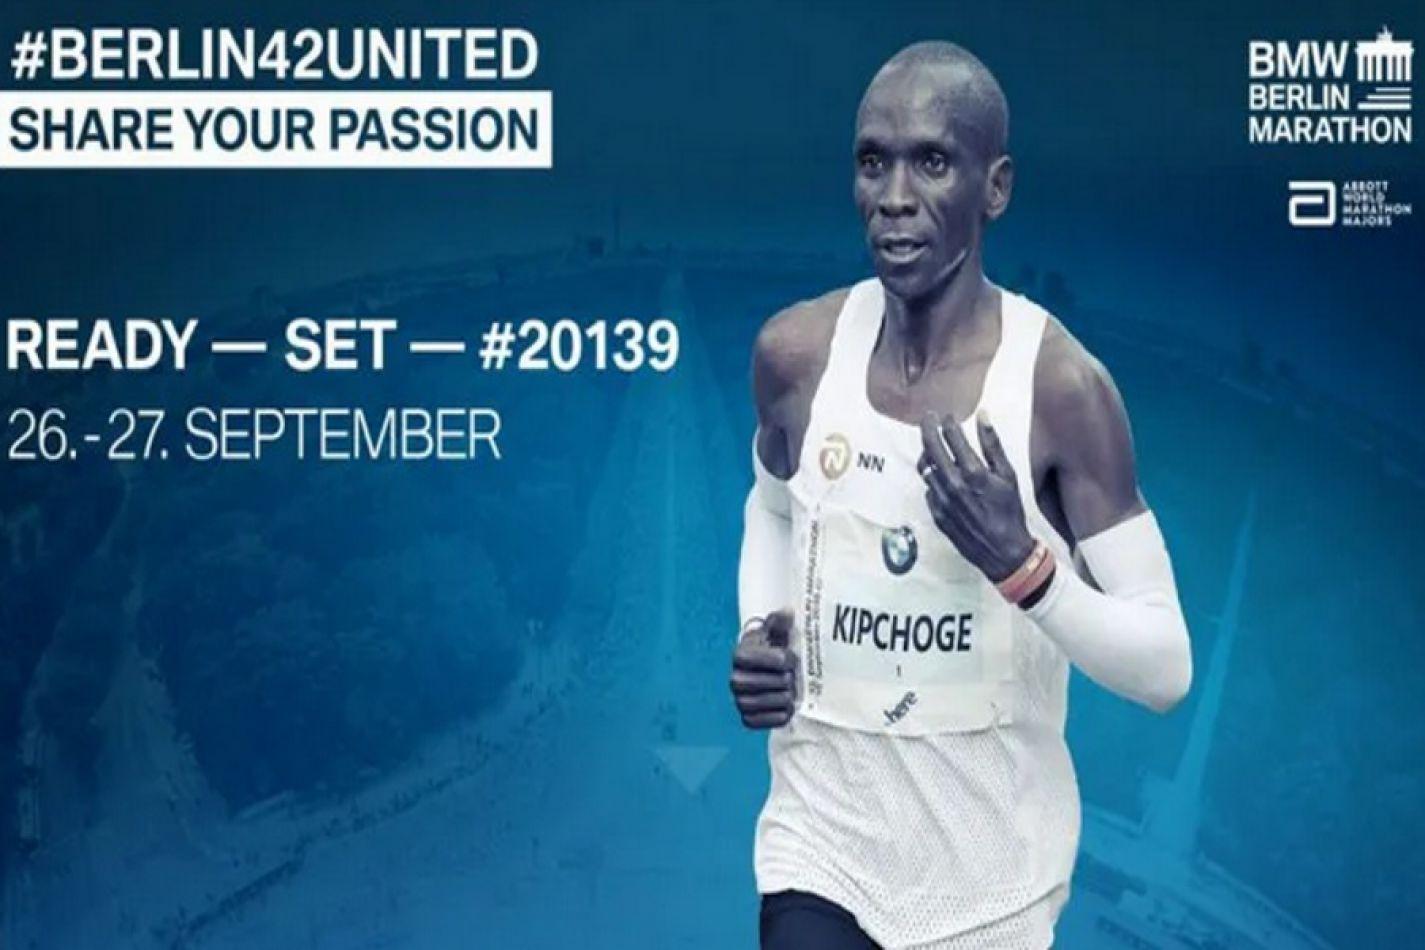 Desafío para runners: ¿te animás a correr contra el récord mundial de maratón?